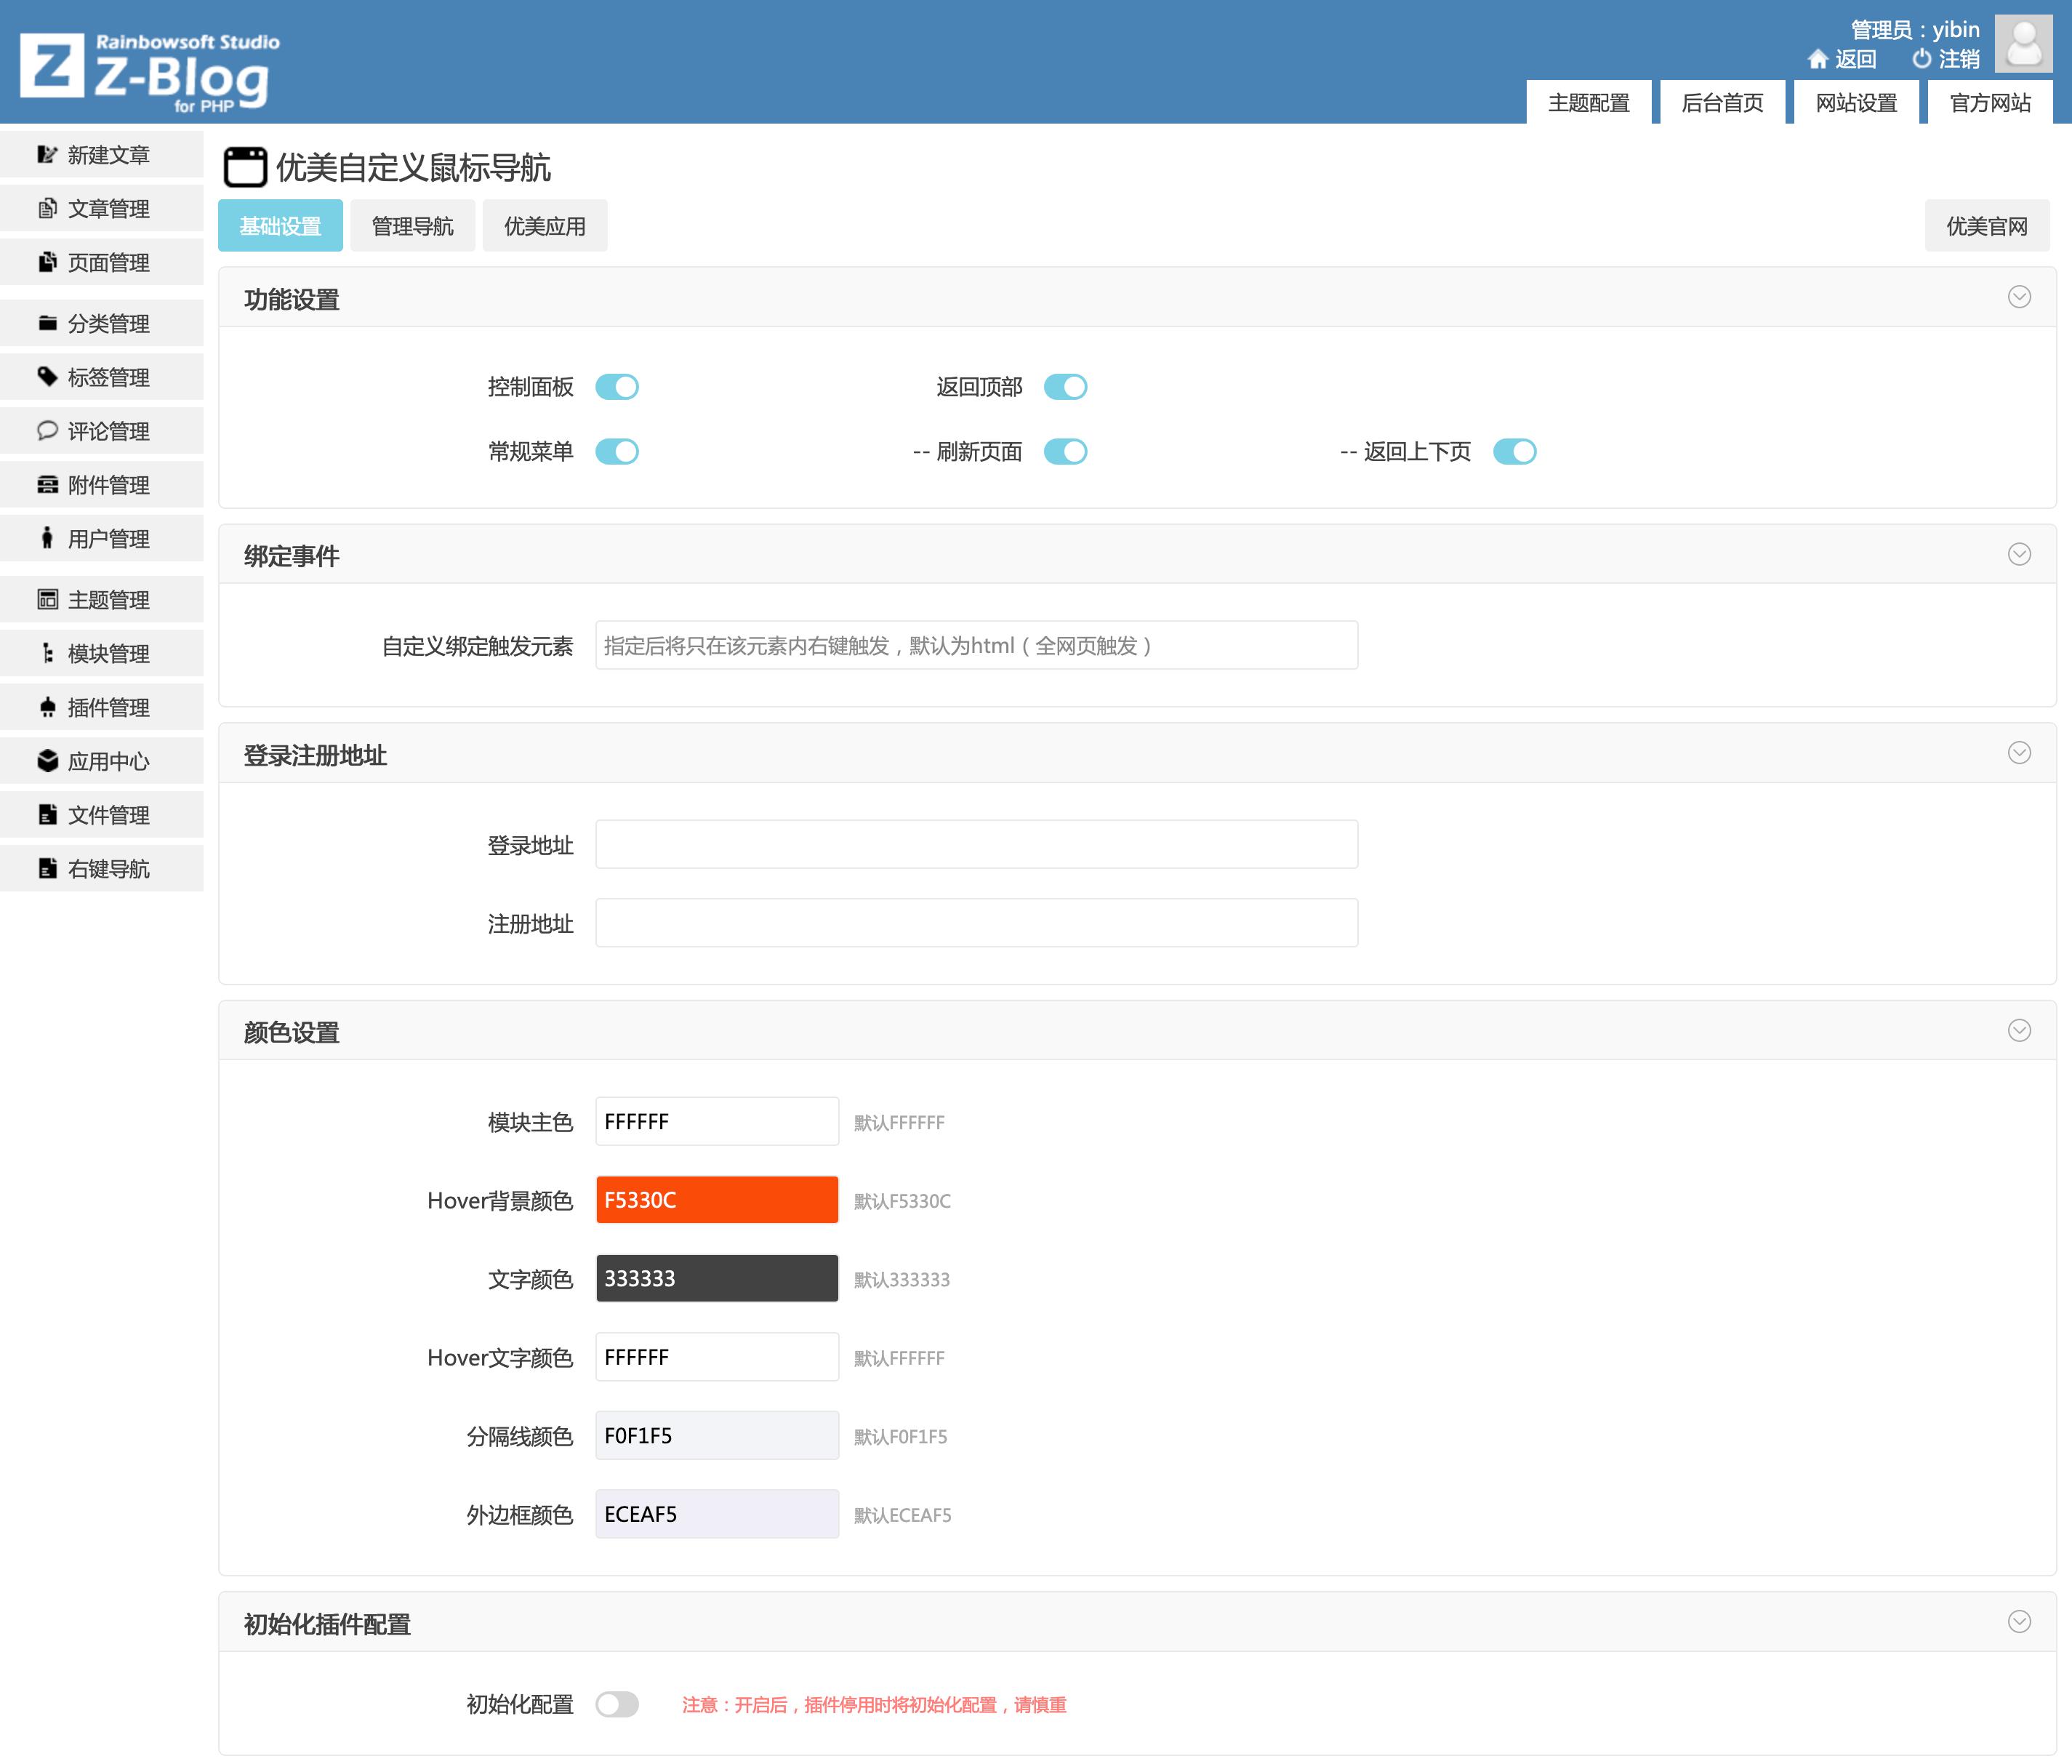 优美自定义鼠标右键导航 右键导航 zblog插件 鼠标右键 优美插件  图2